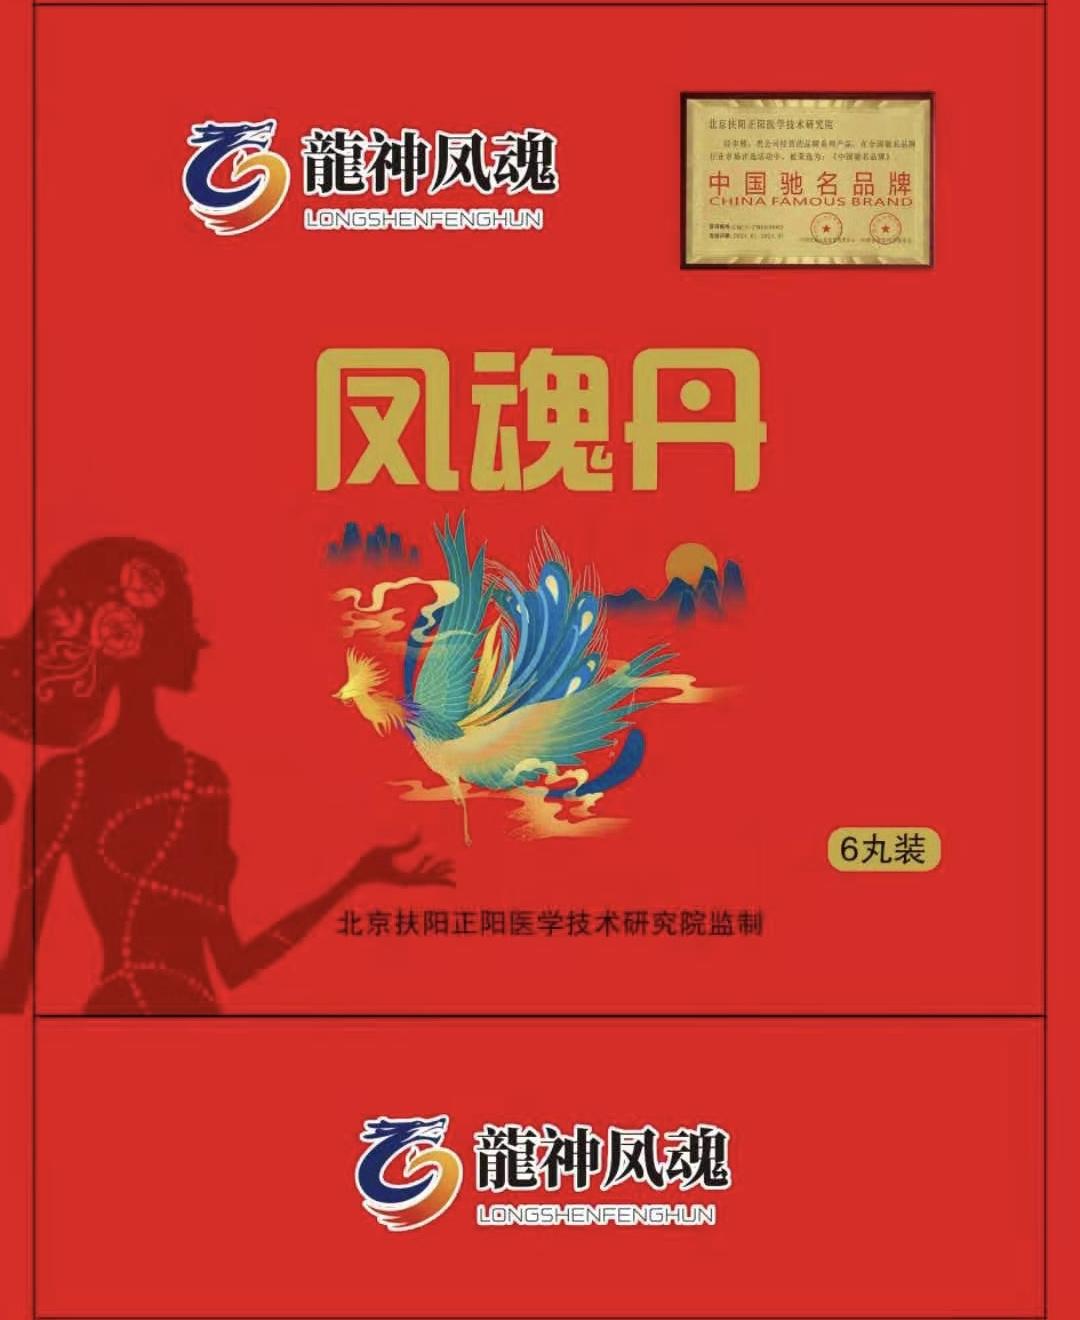 凤魂丹——一款全世界最神奇的女神外用产品